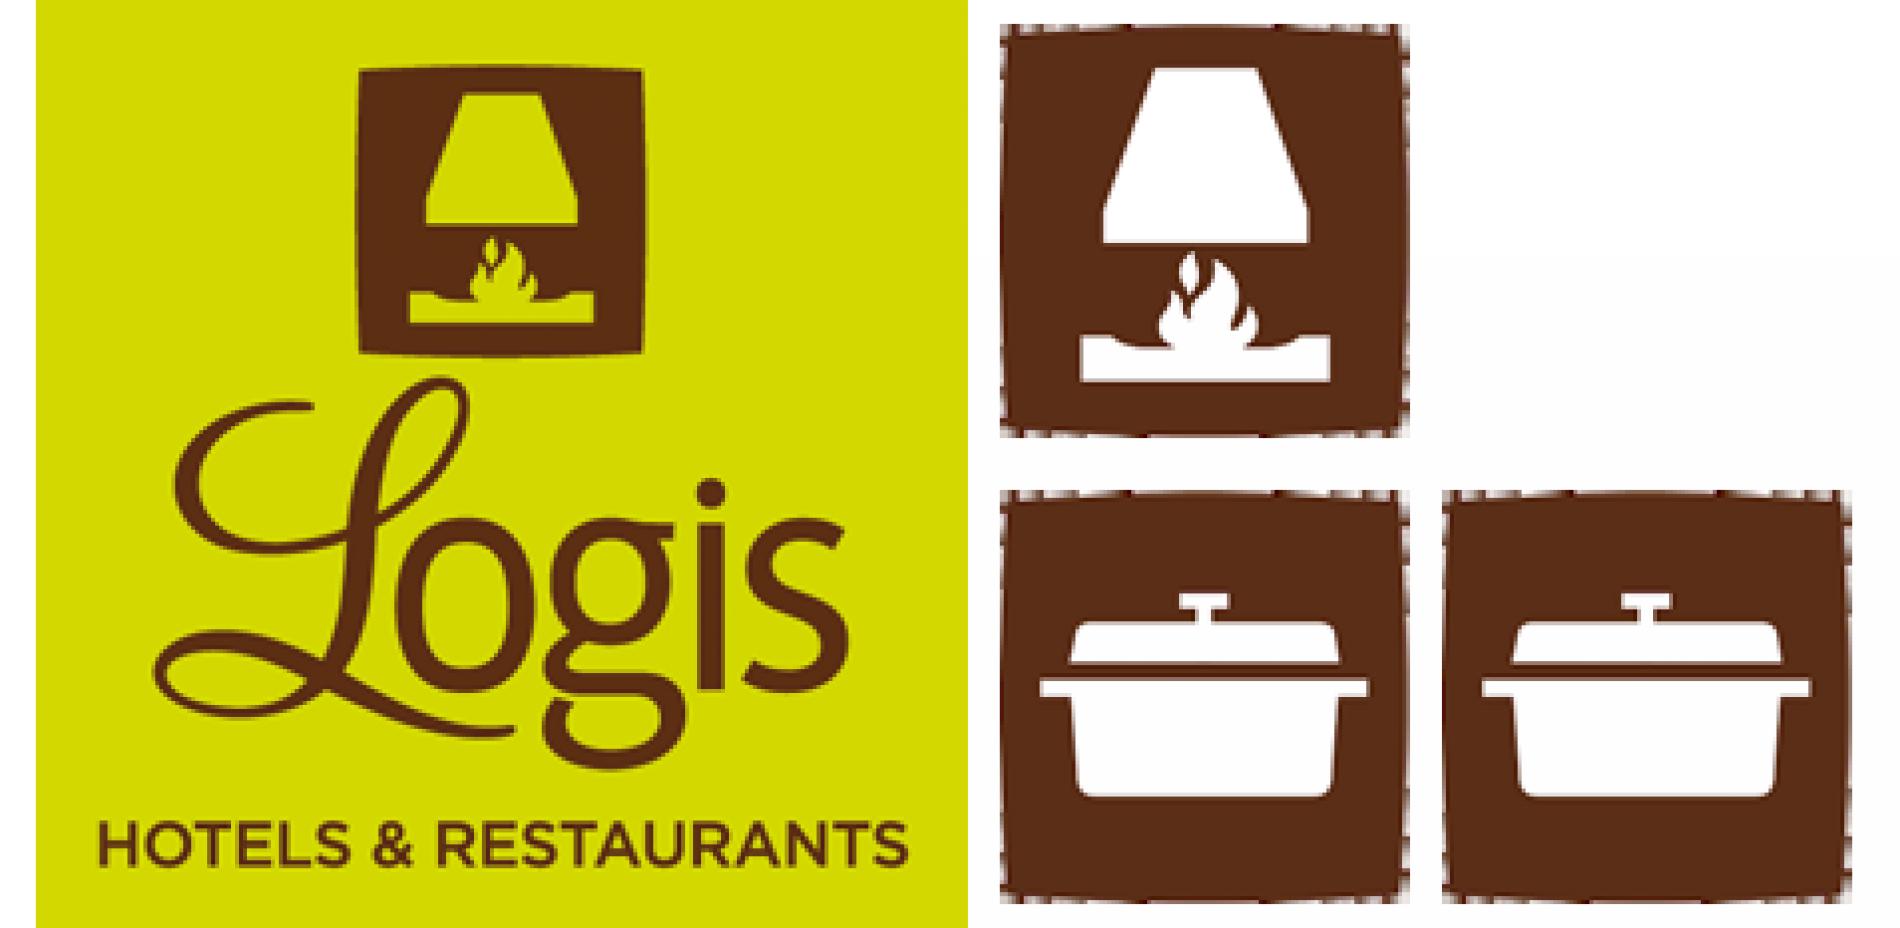 Logis Hotel 1 cheminée 2 cocottes